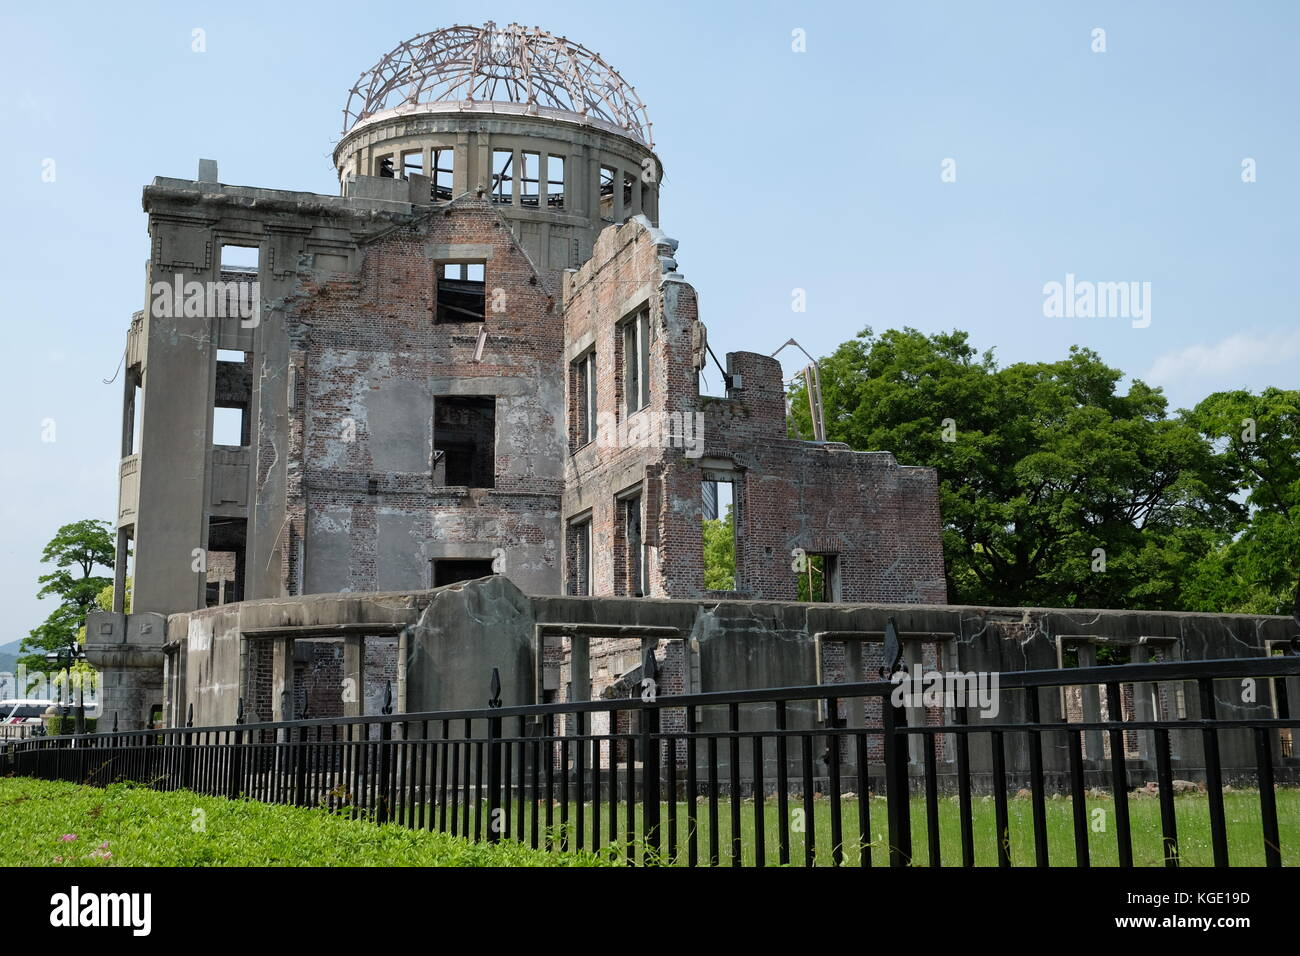 el domo de la bomba atómica es una ruina que es un monumento a los